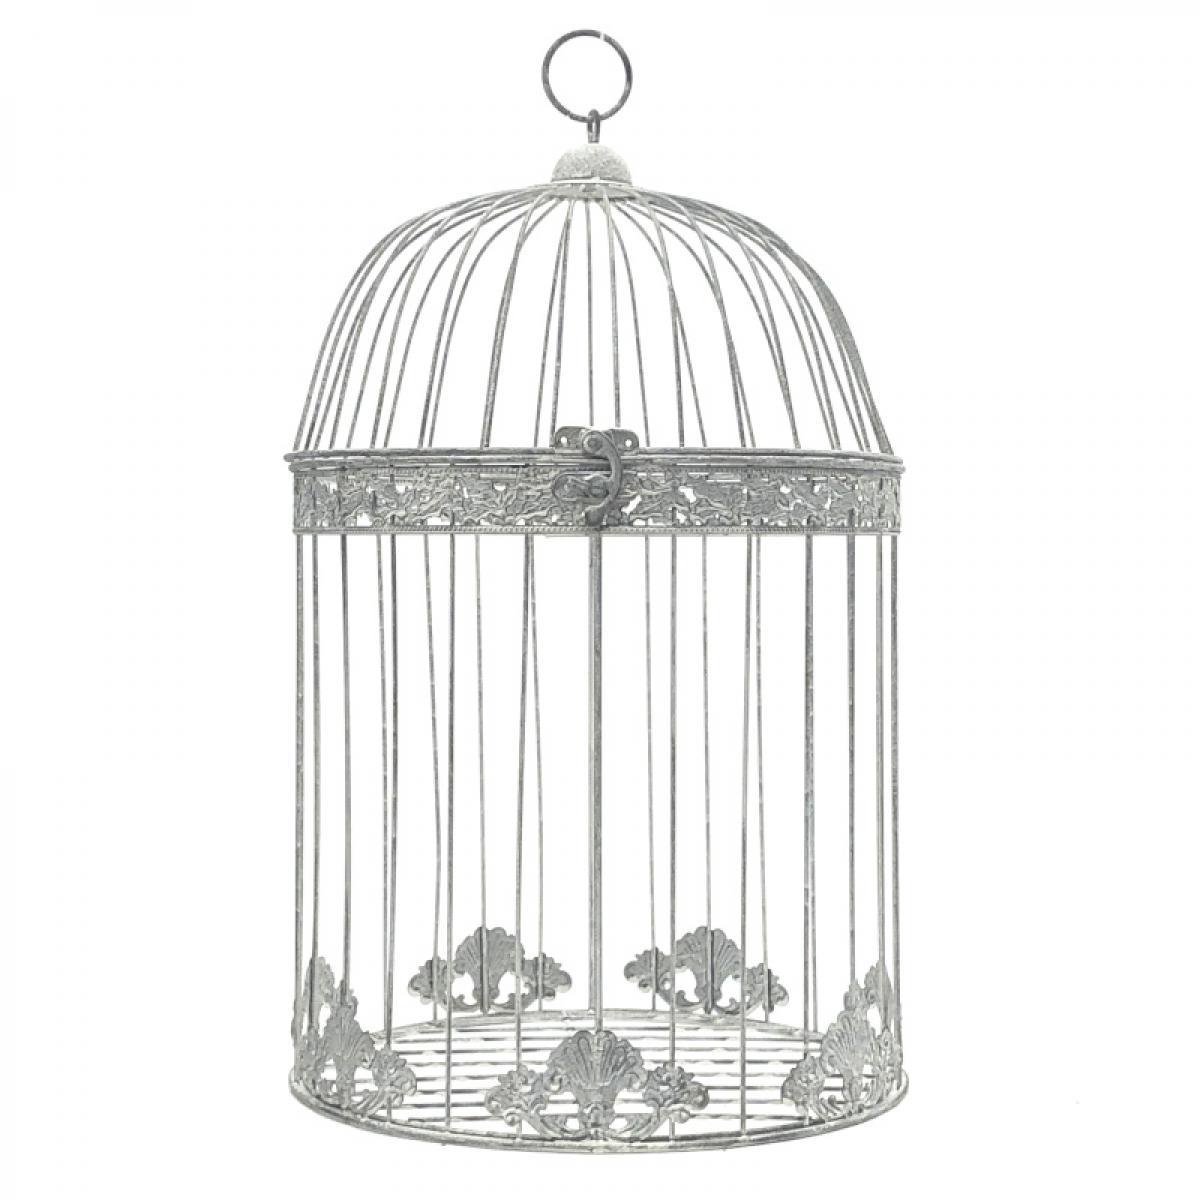 L'Originale Deco Grande Cage Oiseaux Ronde Décoration Gris 50 cm x ø30 cm